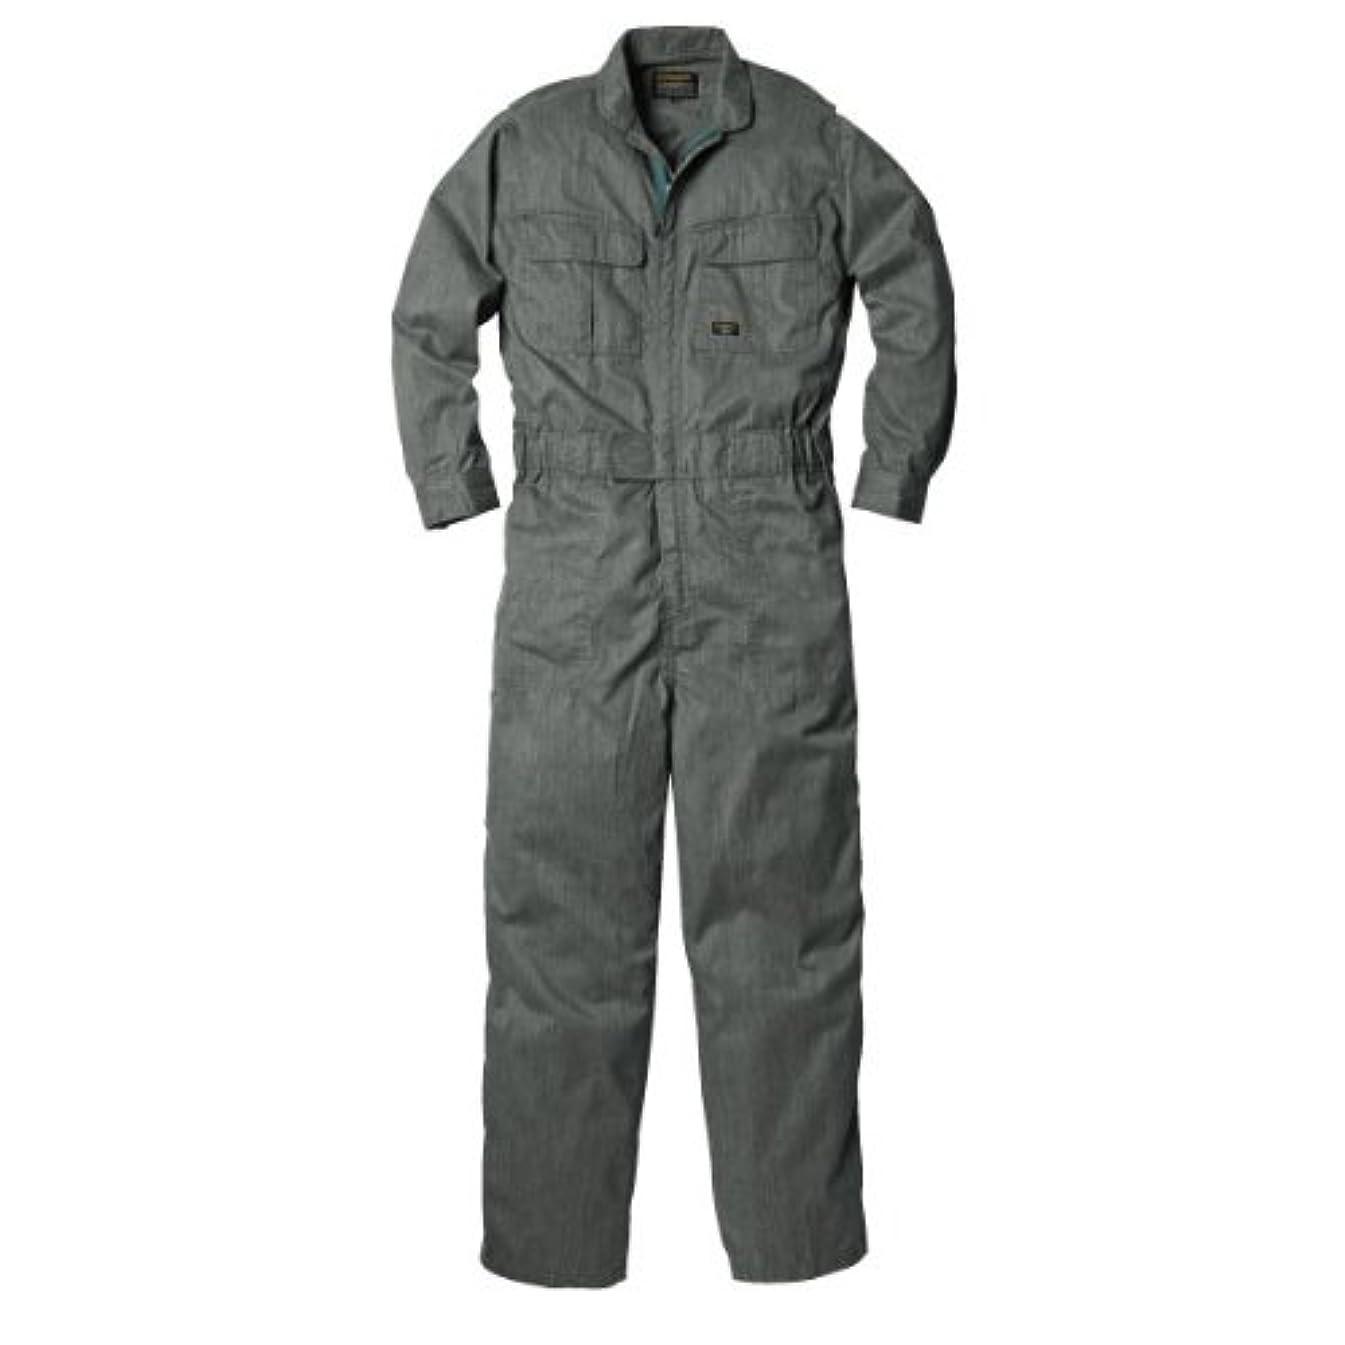 快適慣習保険(イーブンリバー) EVENRIVER (3カラー)長袖つなぎ er-8100